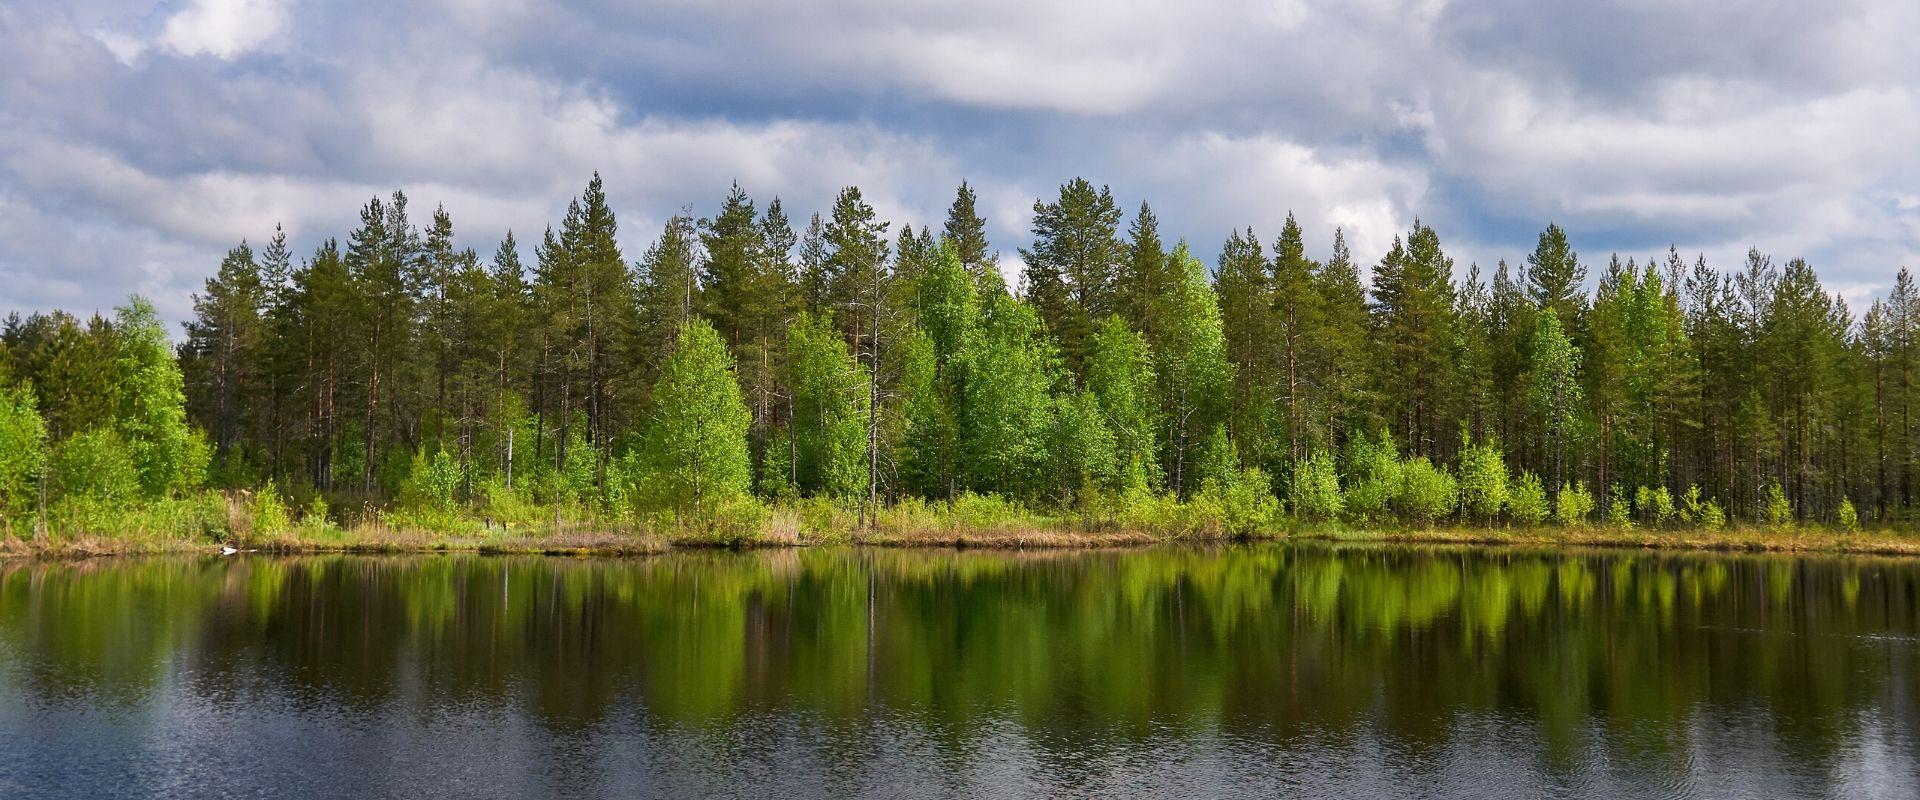 Soome loodus. Foto: pixabay.com